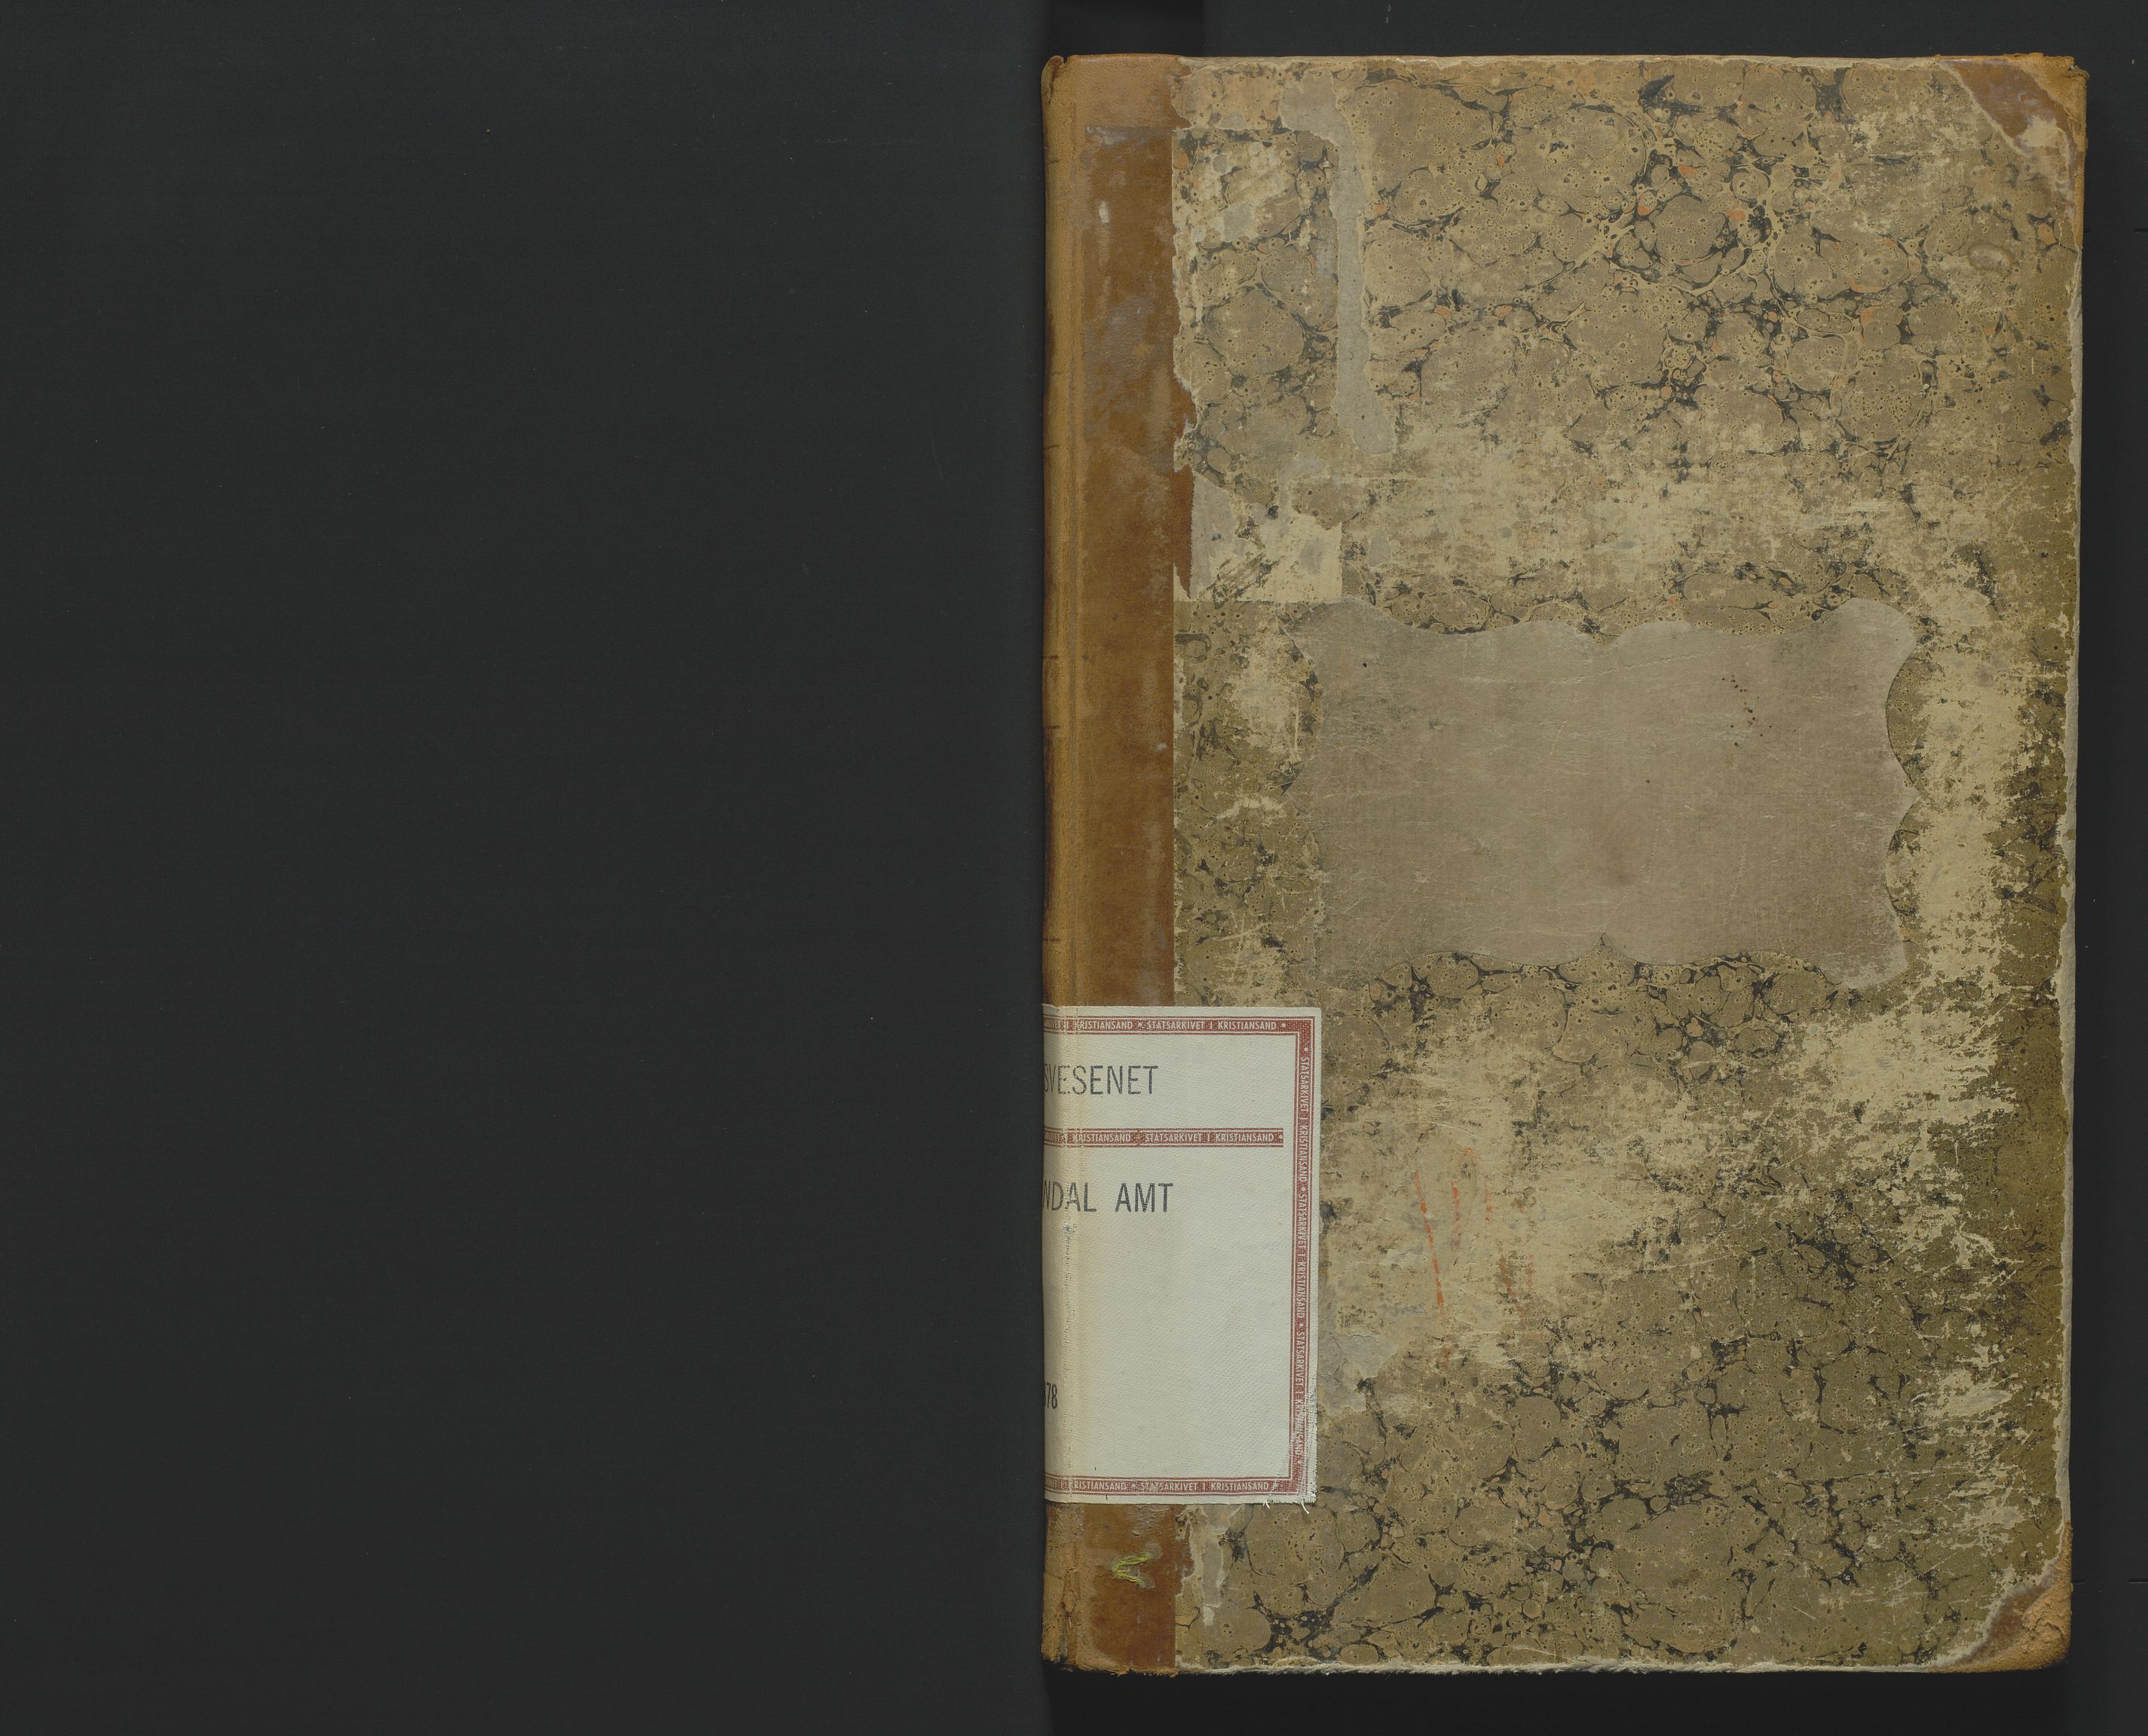 SAK, Utskiftningsformannen i Lister og Mandal amt, F/Fa/Faa/L0013: Utskiftningsprotokoll med register nr 13, 1877-1878